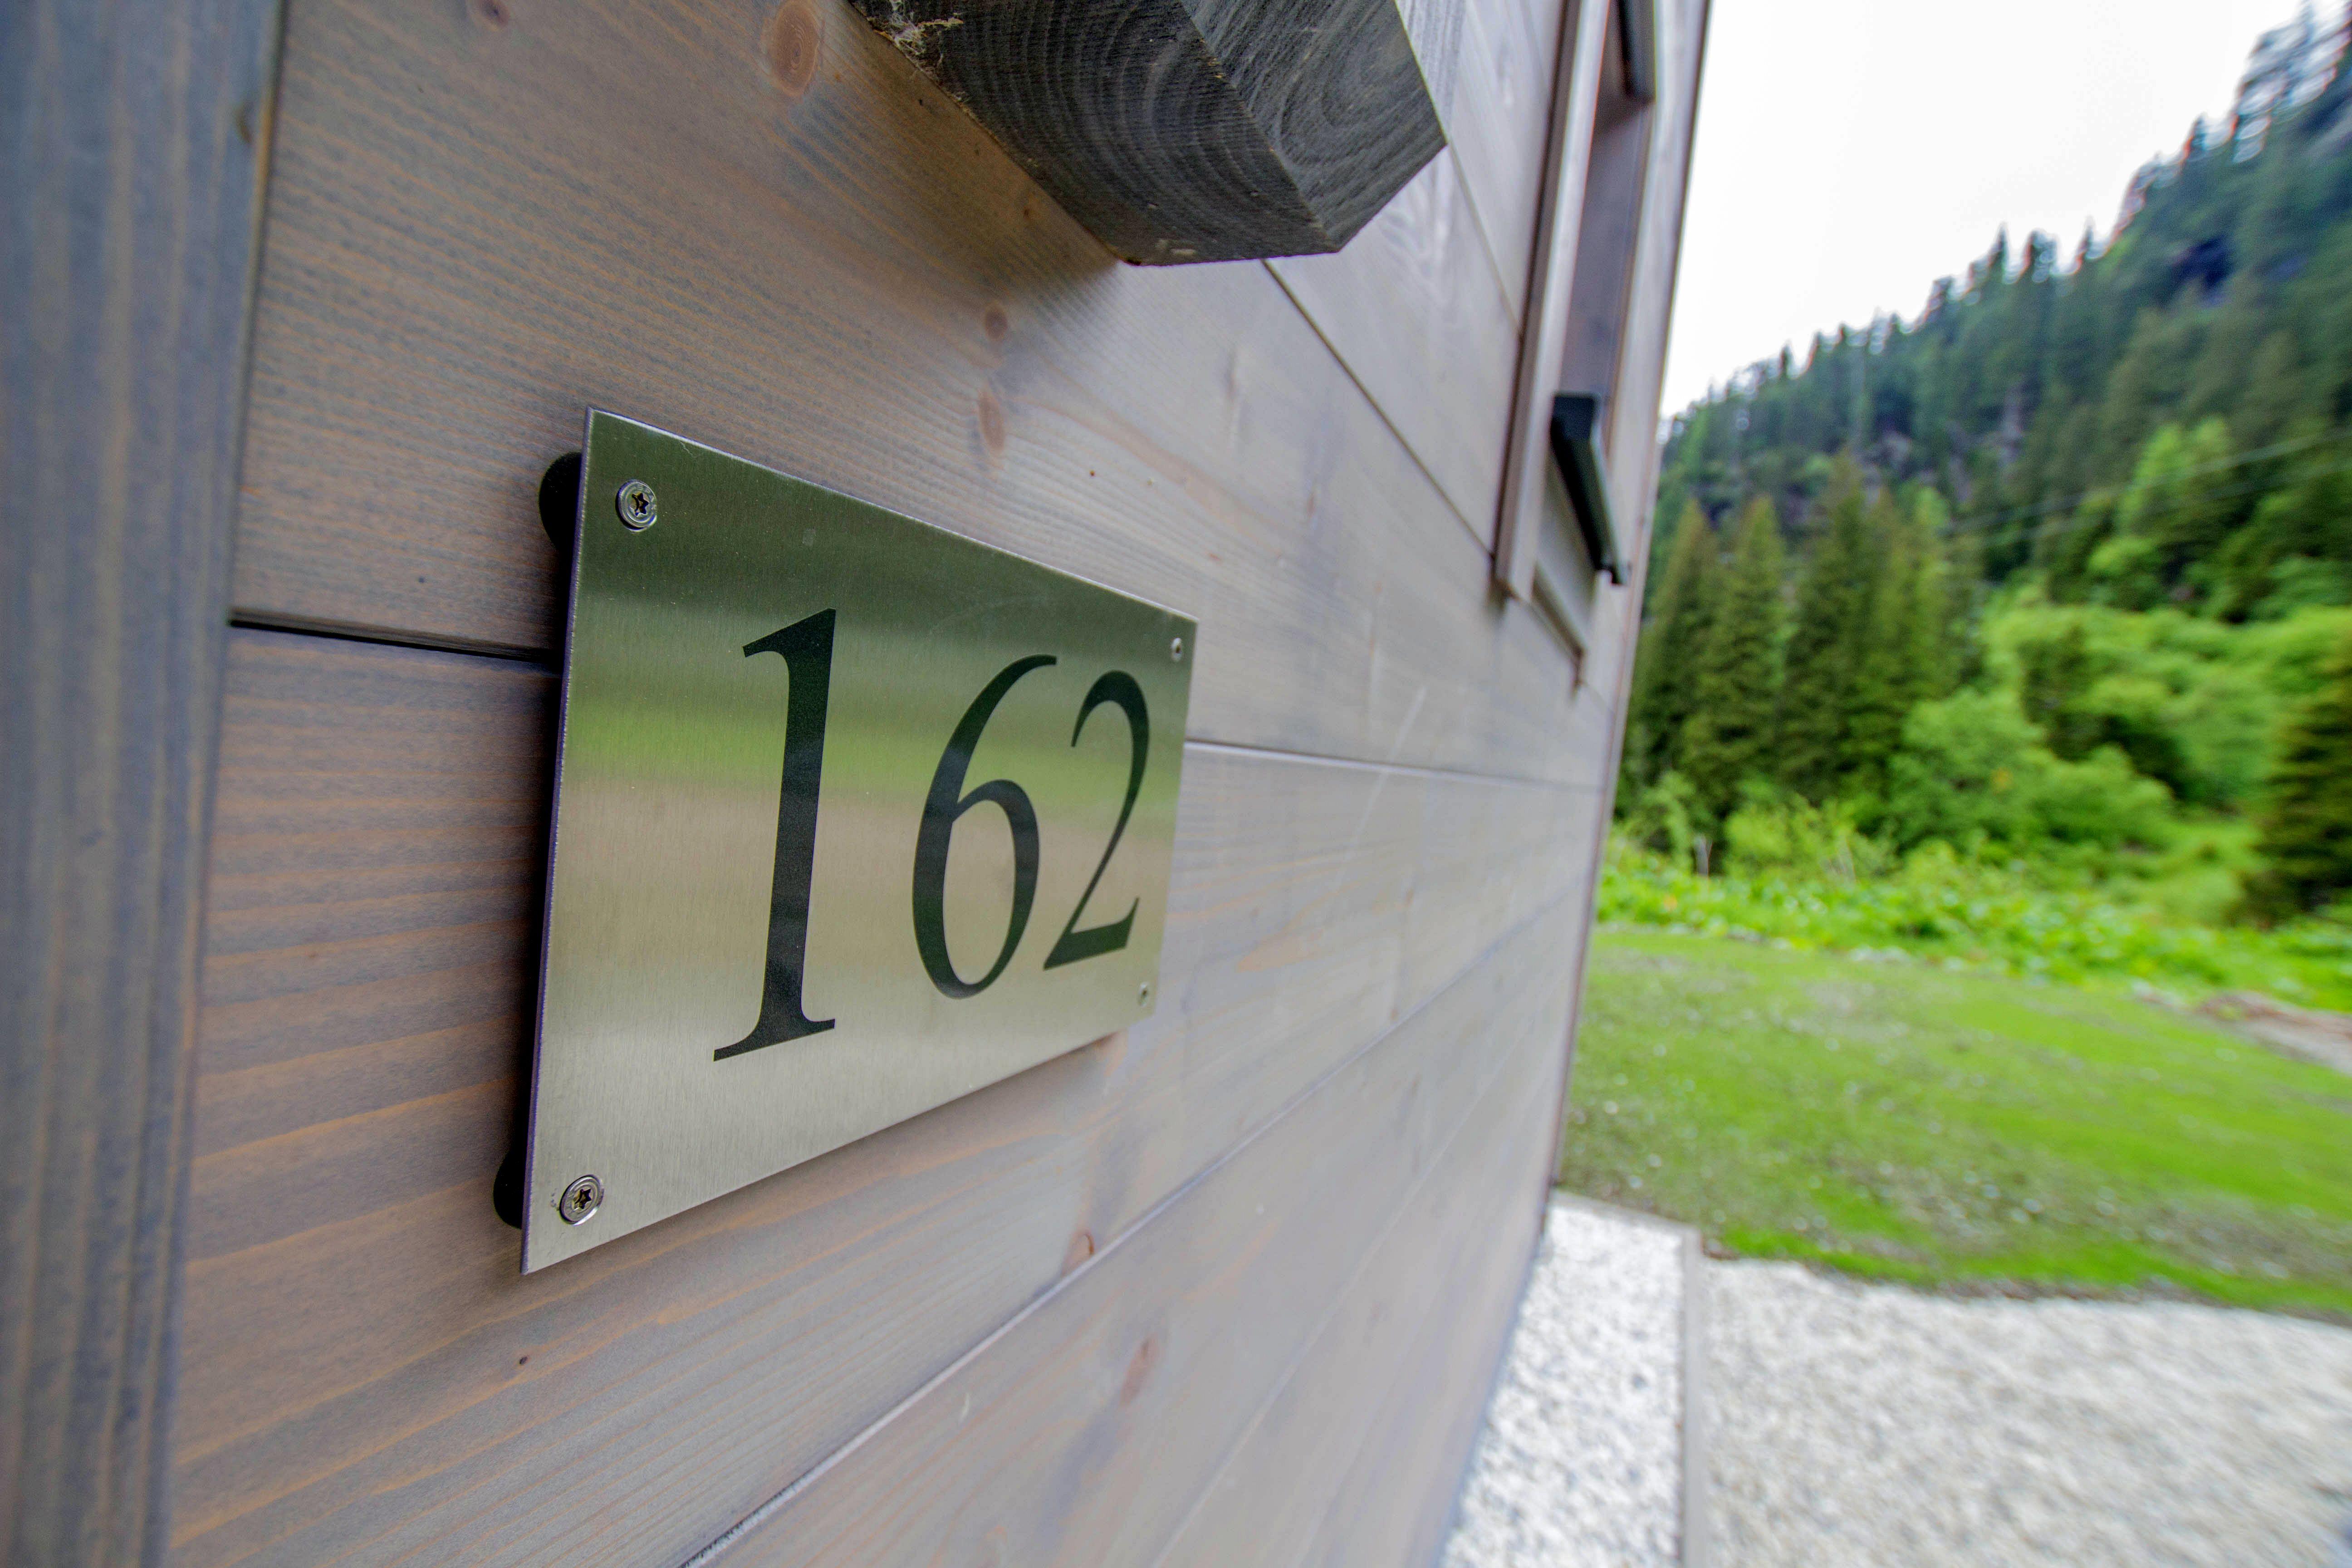 Maison de vacances Lodge Wildrose, direkt am Skilift für 6-8 (2050392), Uttendorf, Pinzgau, Salzbourg, Autriche, image 28